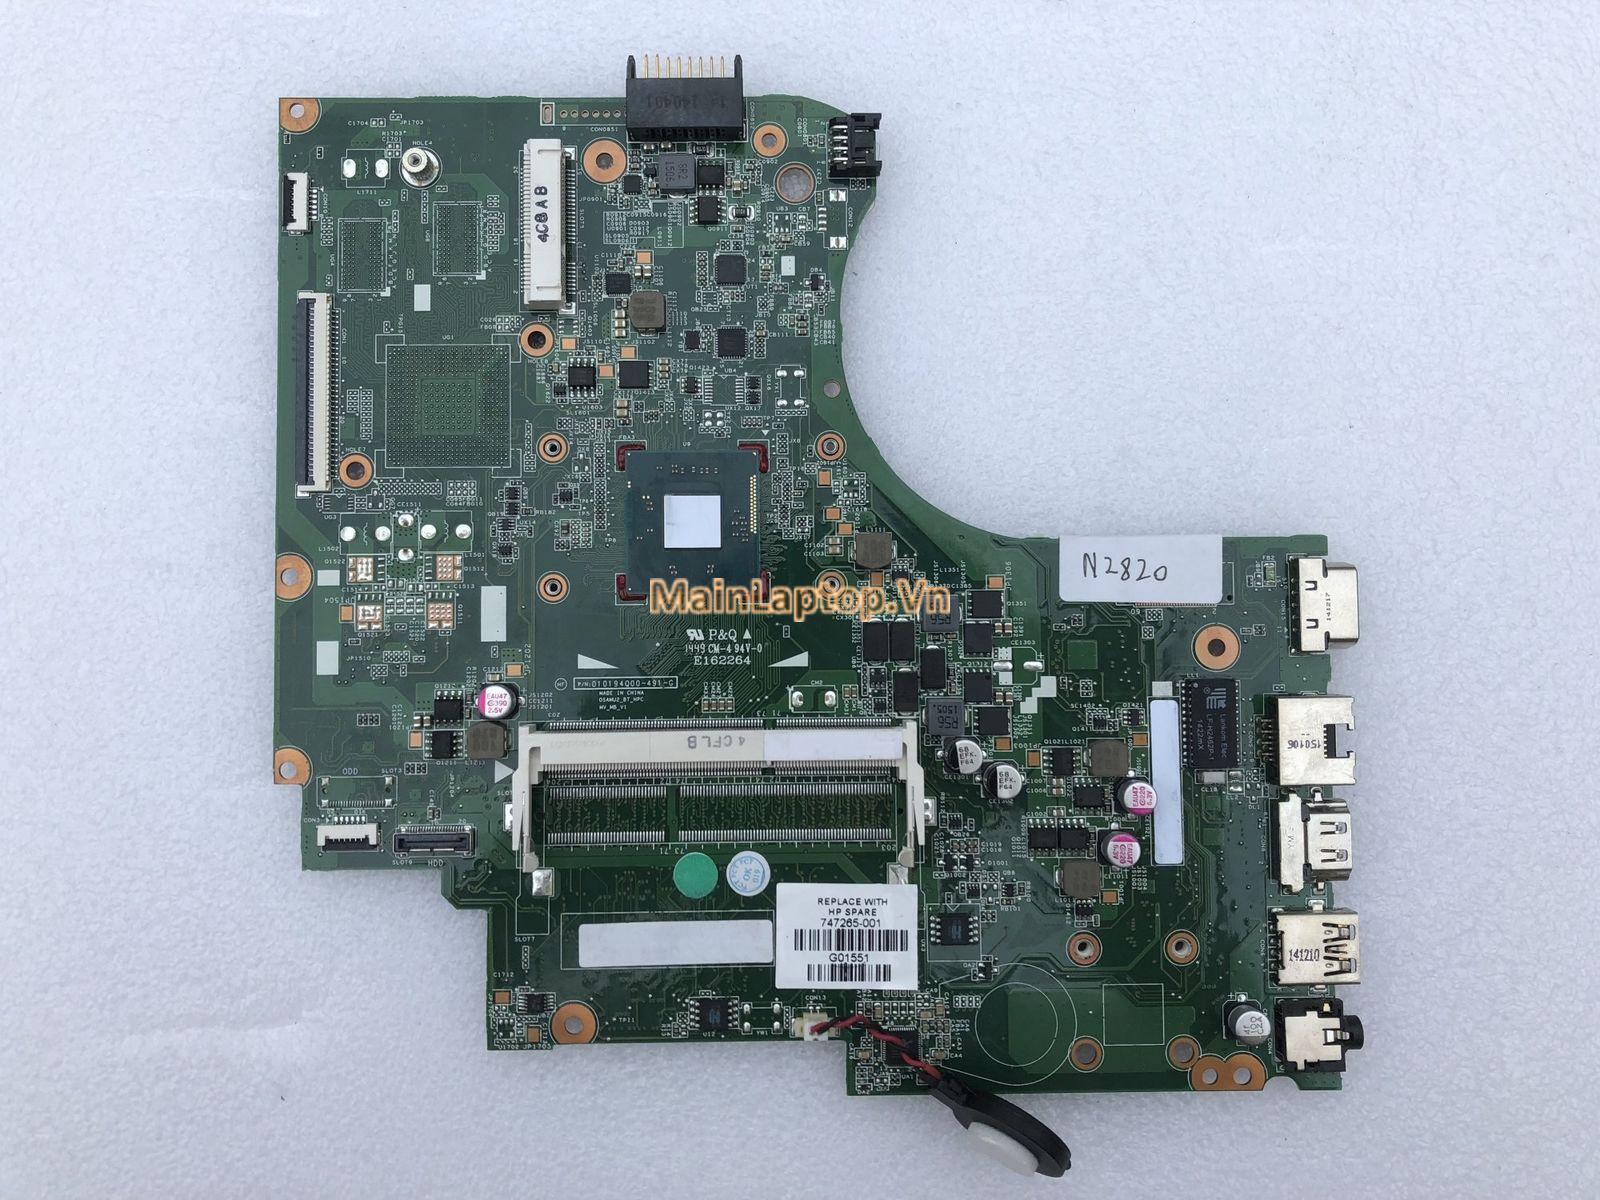 Main HP 246 G2